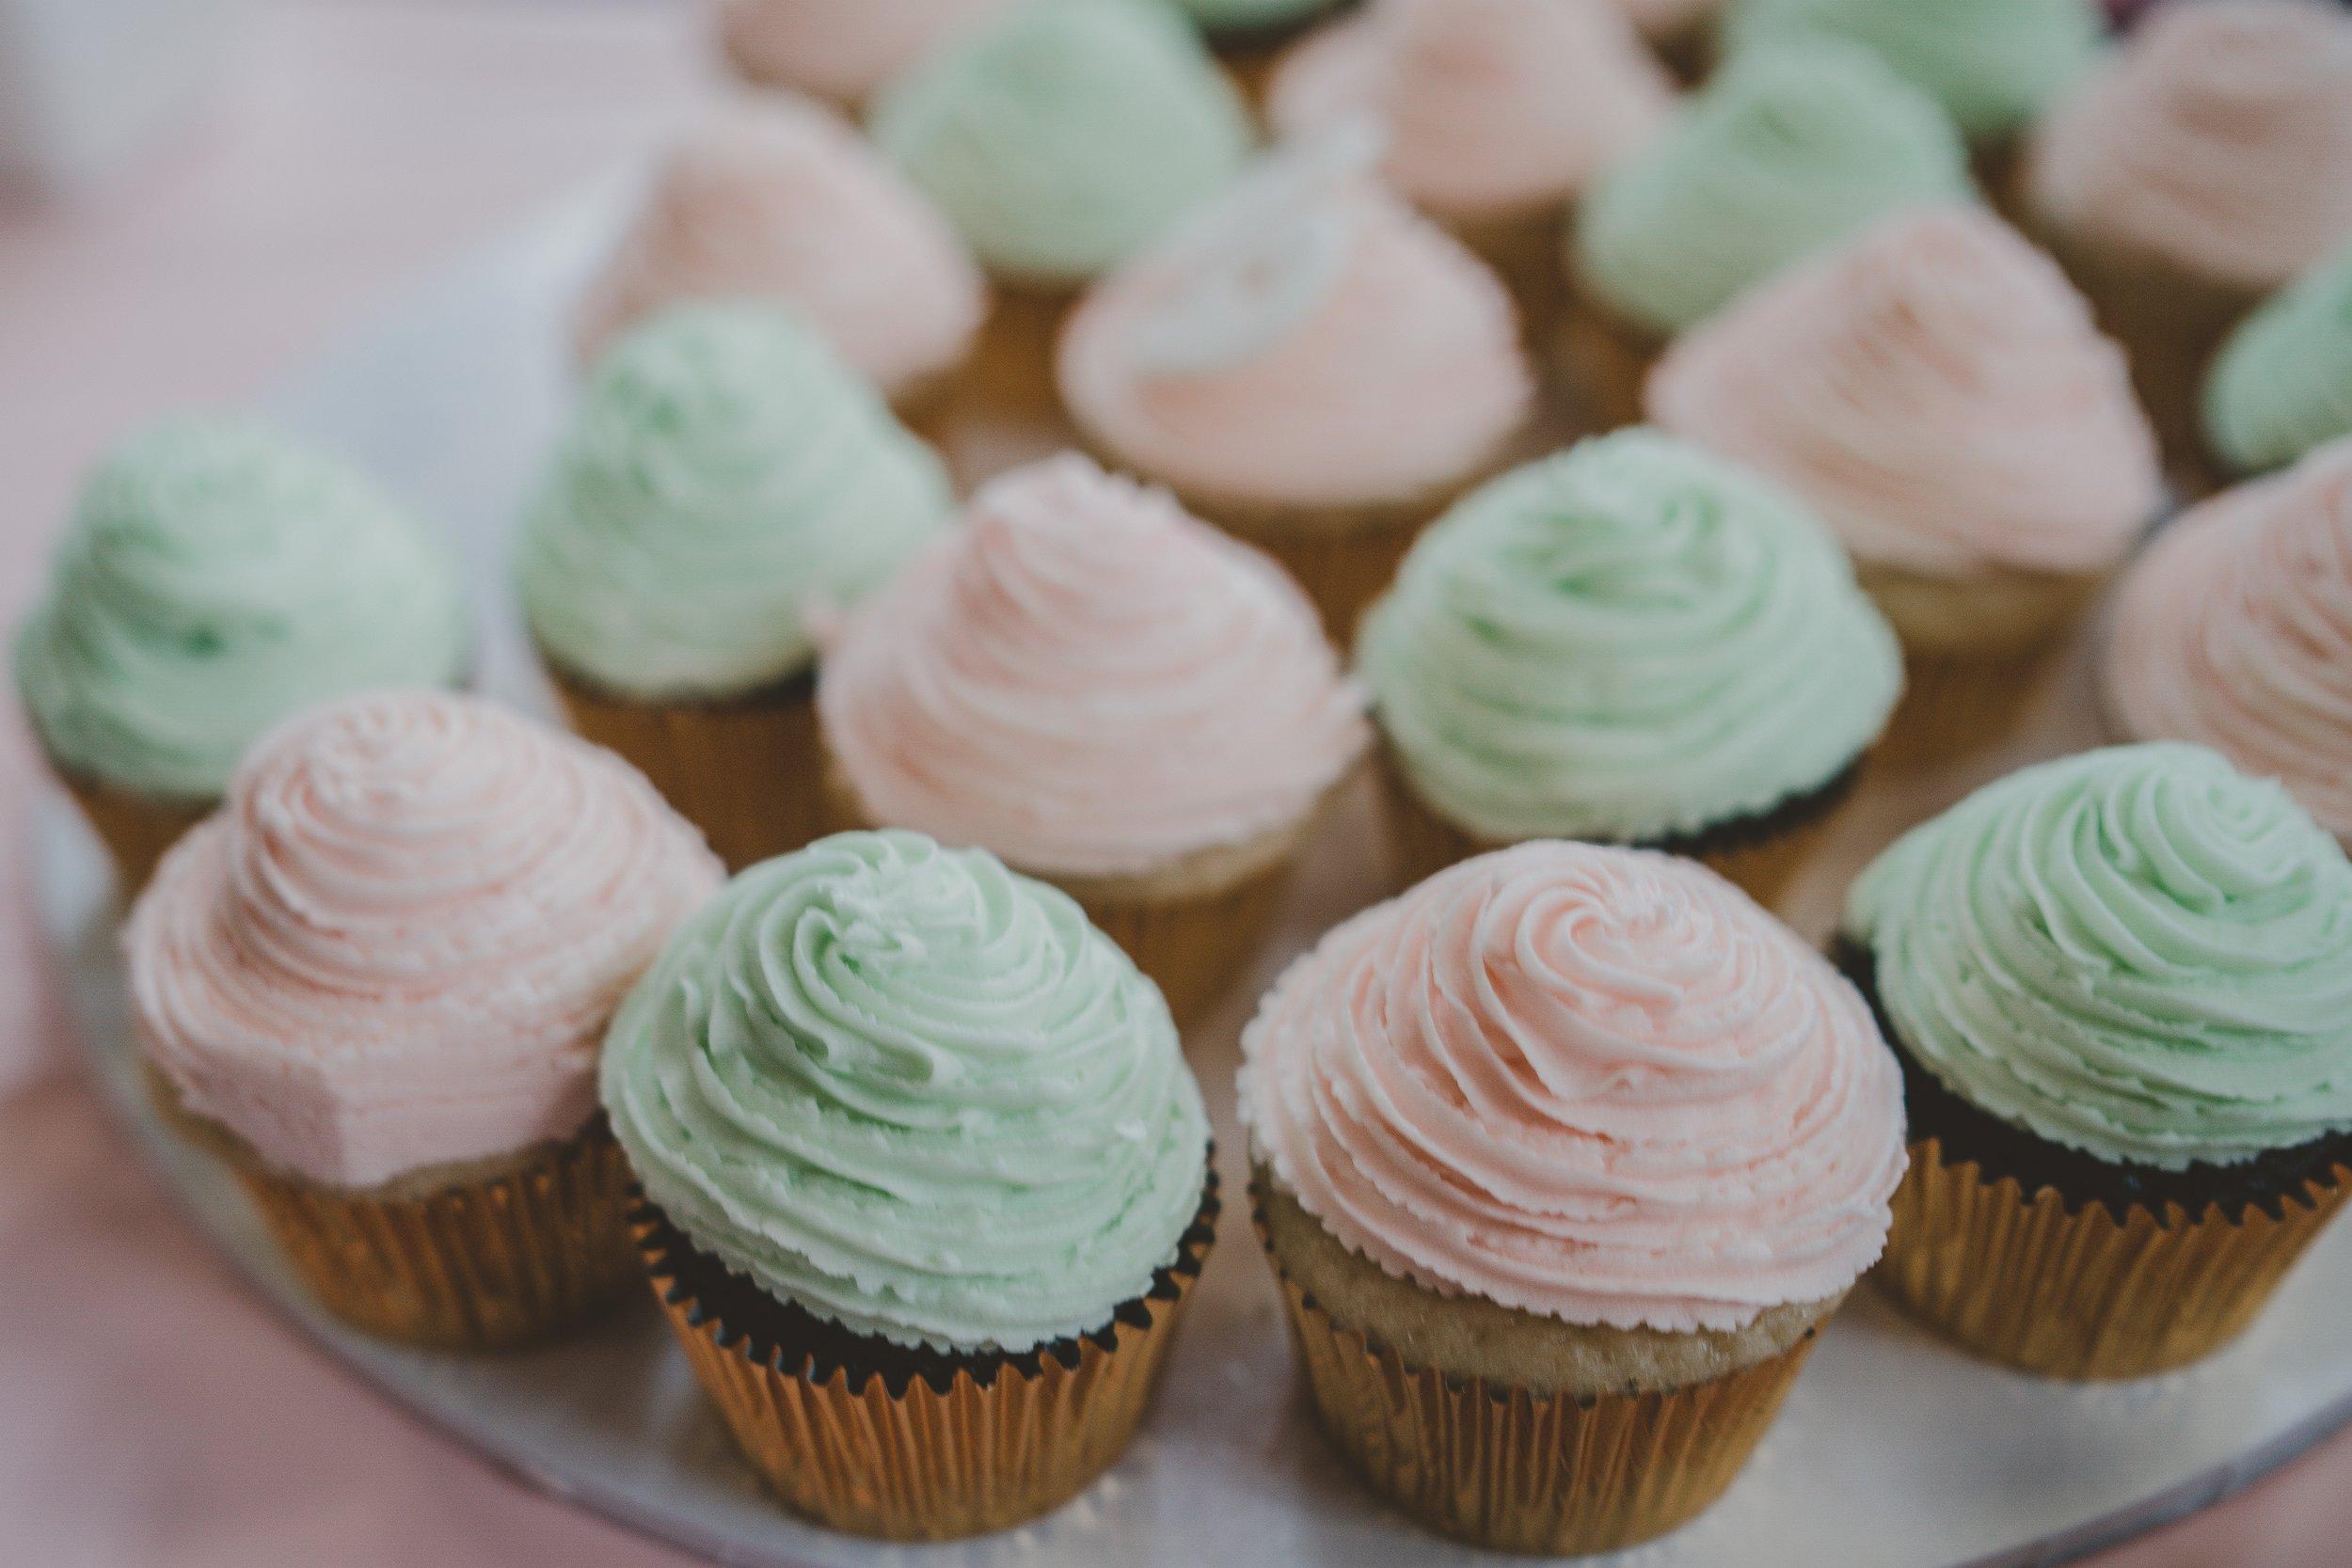 Vil du gerne servere kage, men ikke invitere folk til at spise at spise for meget? Så kan mini-cupcakes være en god idé. Foto af Rod Long via Unsplash.